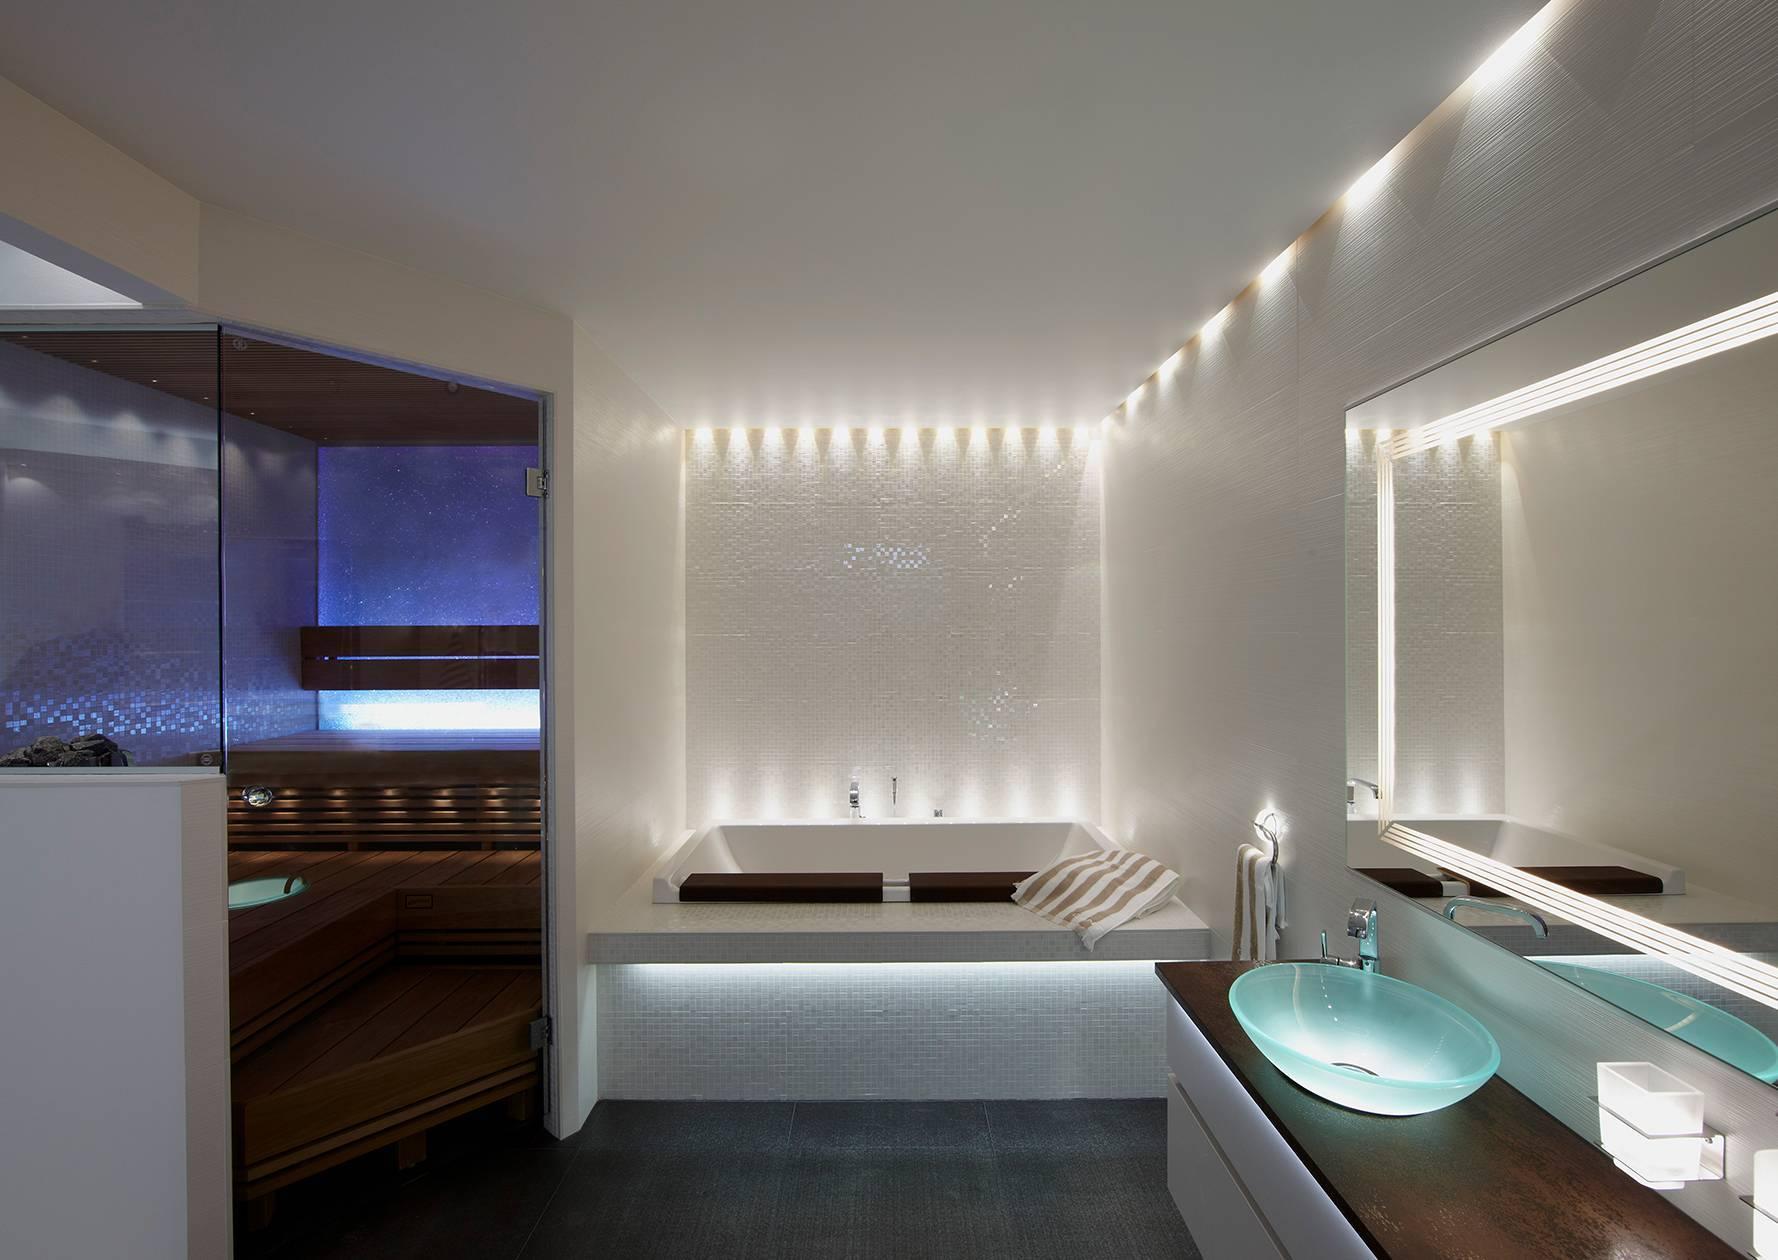 Светодиодная подсветка в интерьере квартиры: фото и советы профессионалов